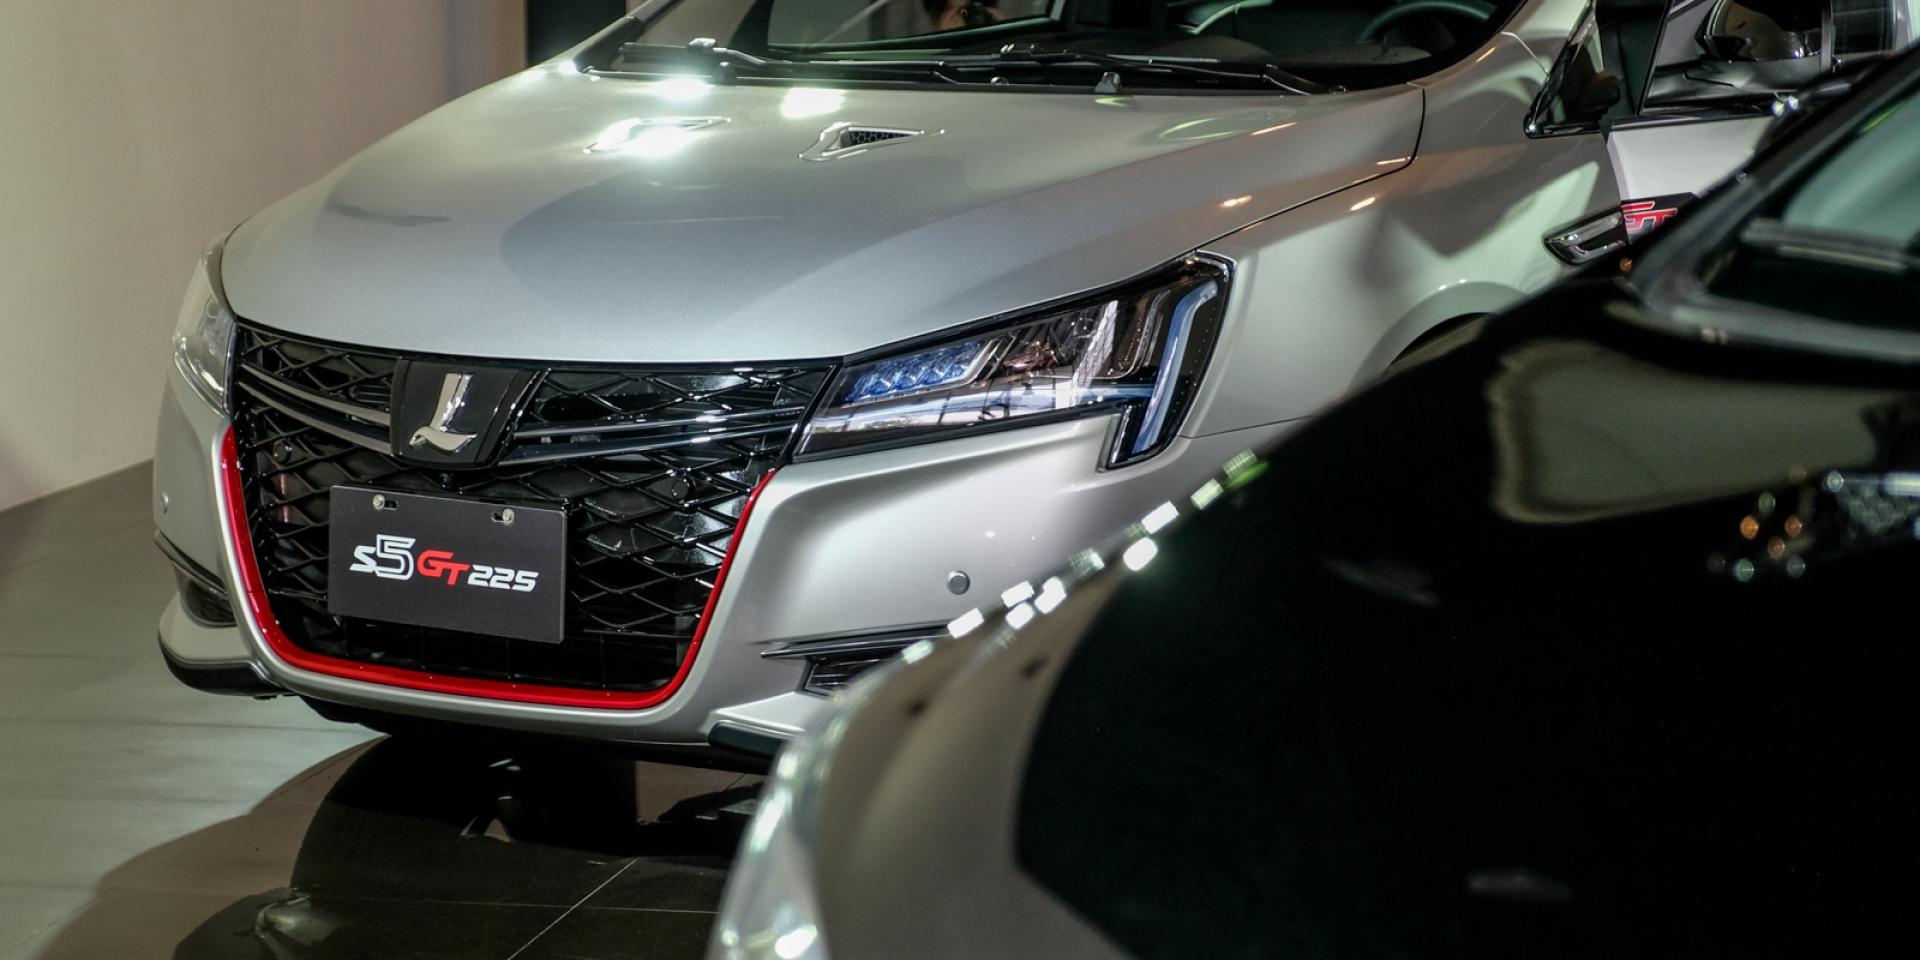 性能、科技雙向提升,LUXGEN S5 GT/GT225正式發表